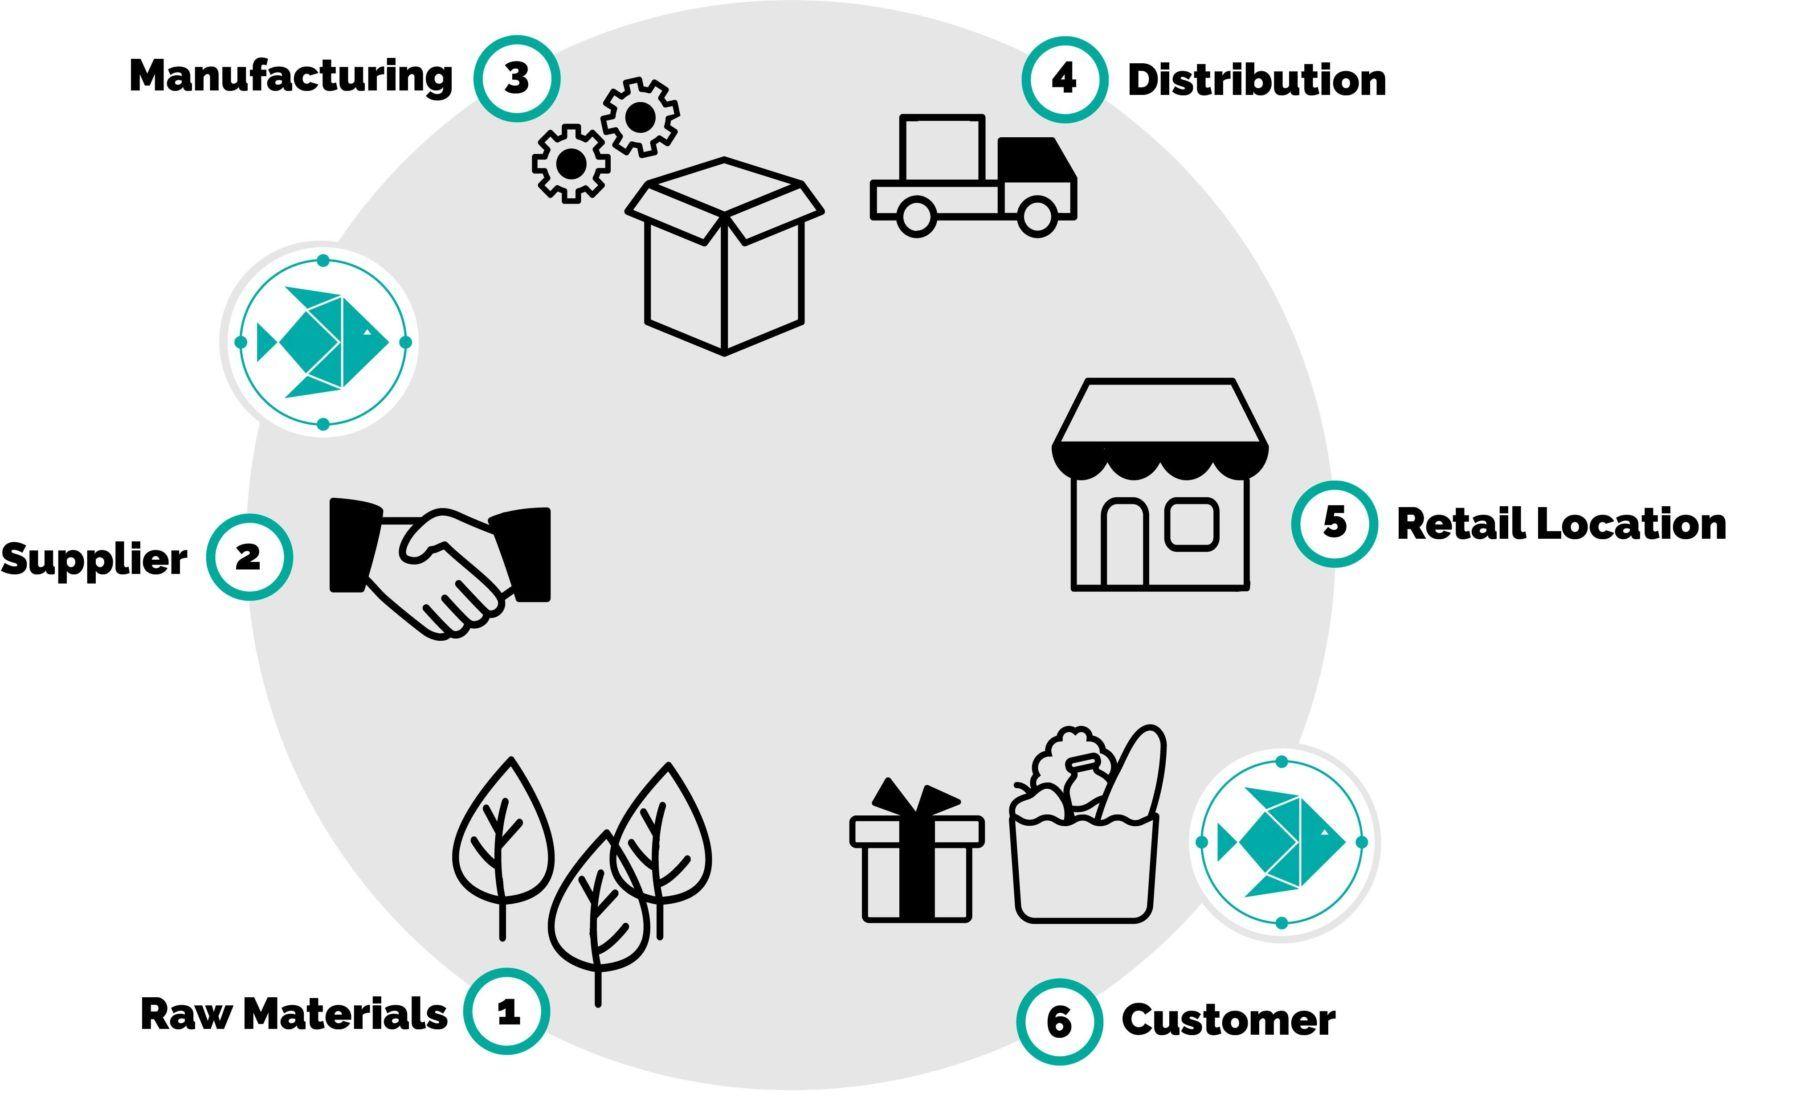 Titelbild zu nachhaltige Glaubwürdigkeit für Unternehmen; zeigt Produktkreislauf von Entstehung bis zum Verkauf